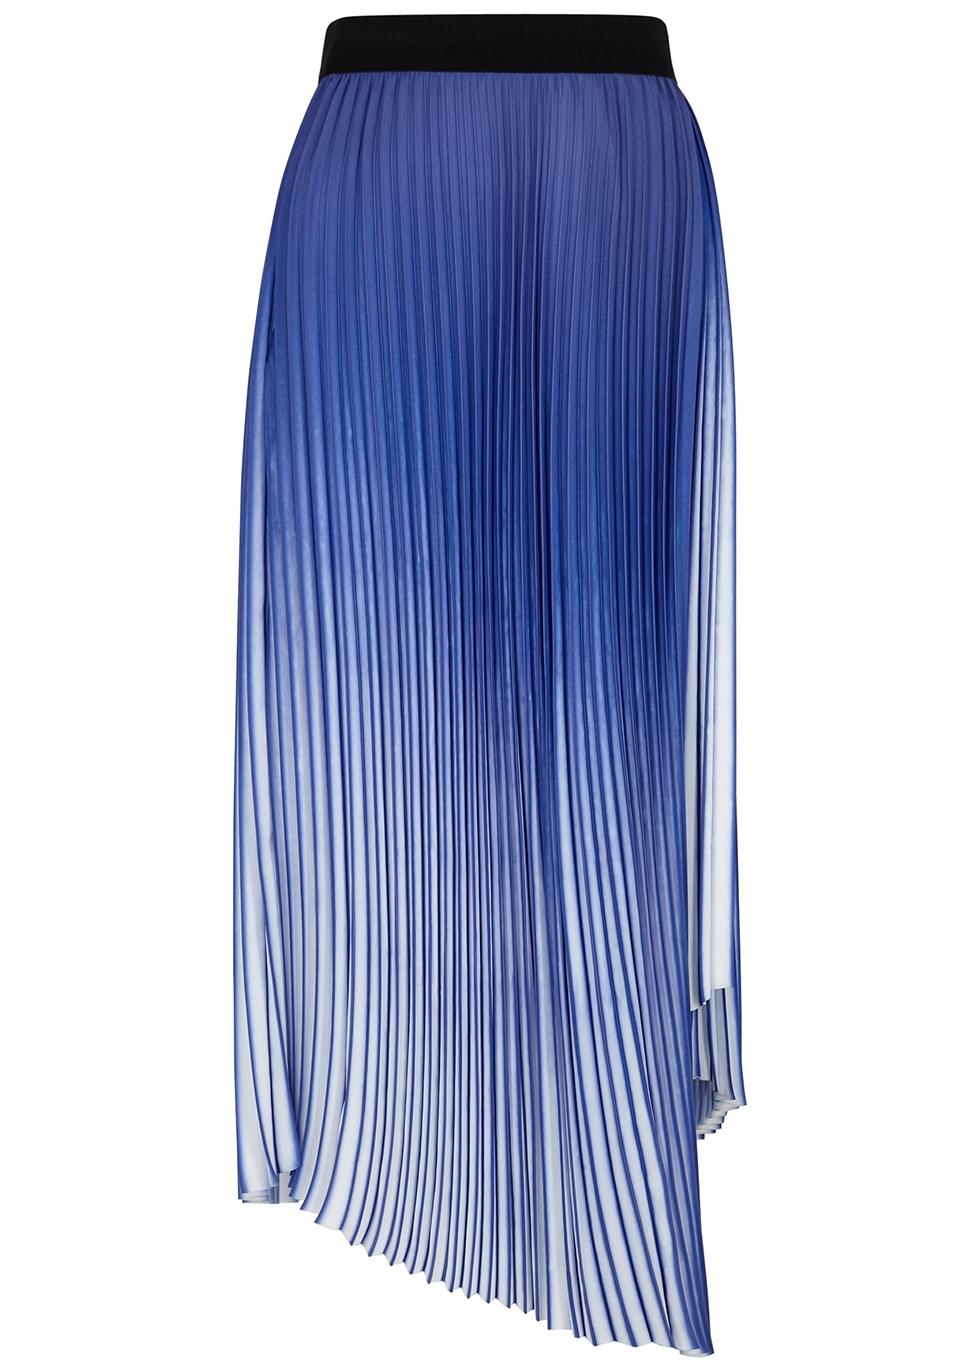 Piza blue degradé plissé midi skirt